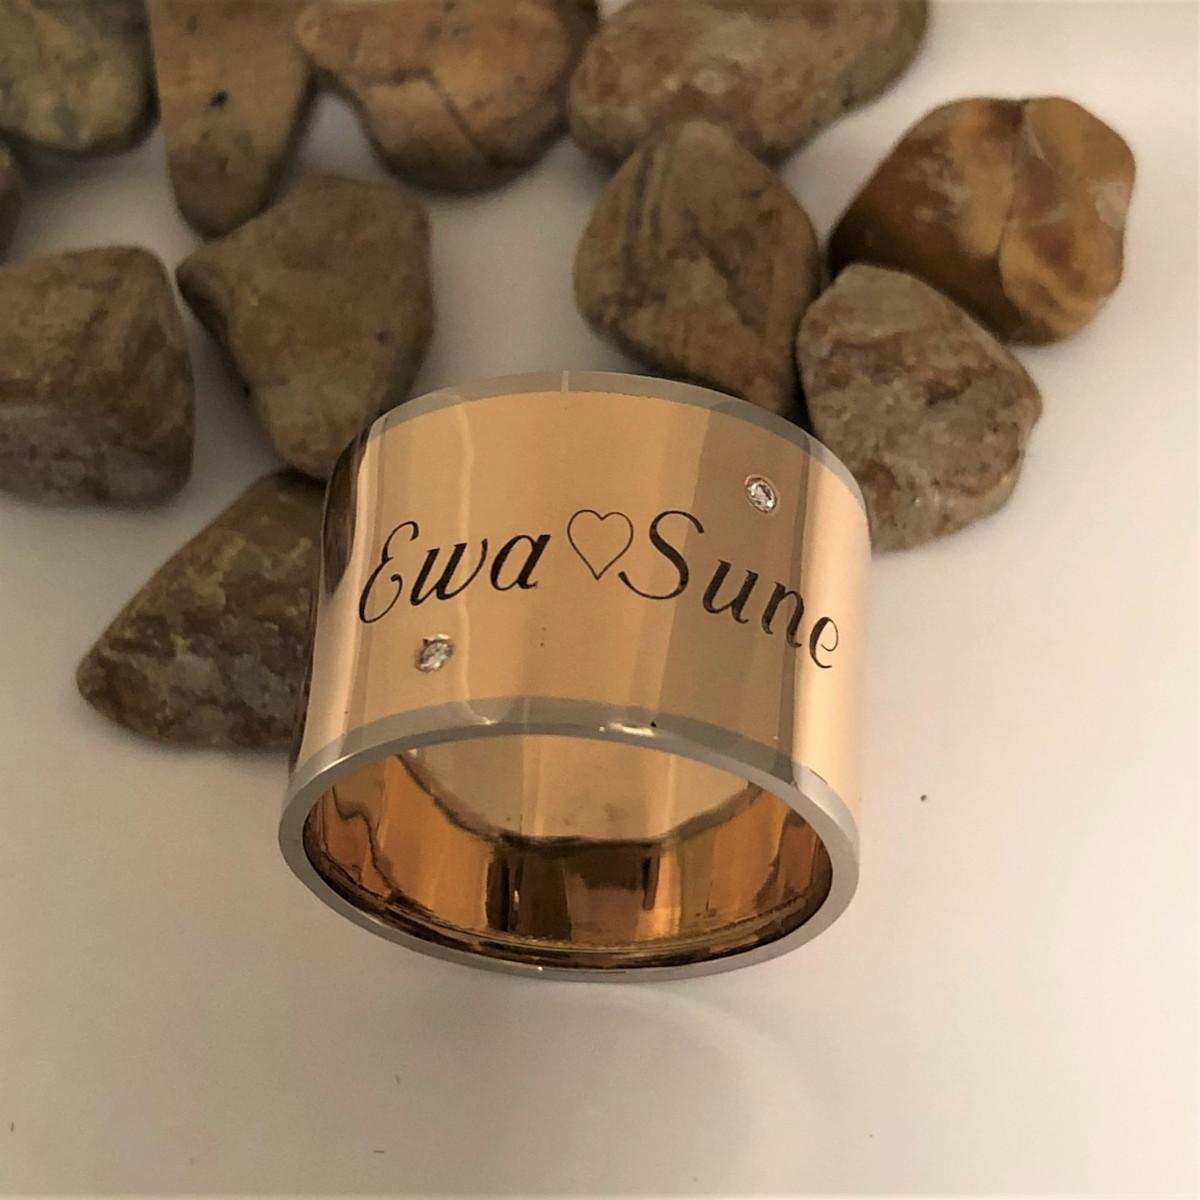 Namnring, tvåfärgad ring, bred ring